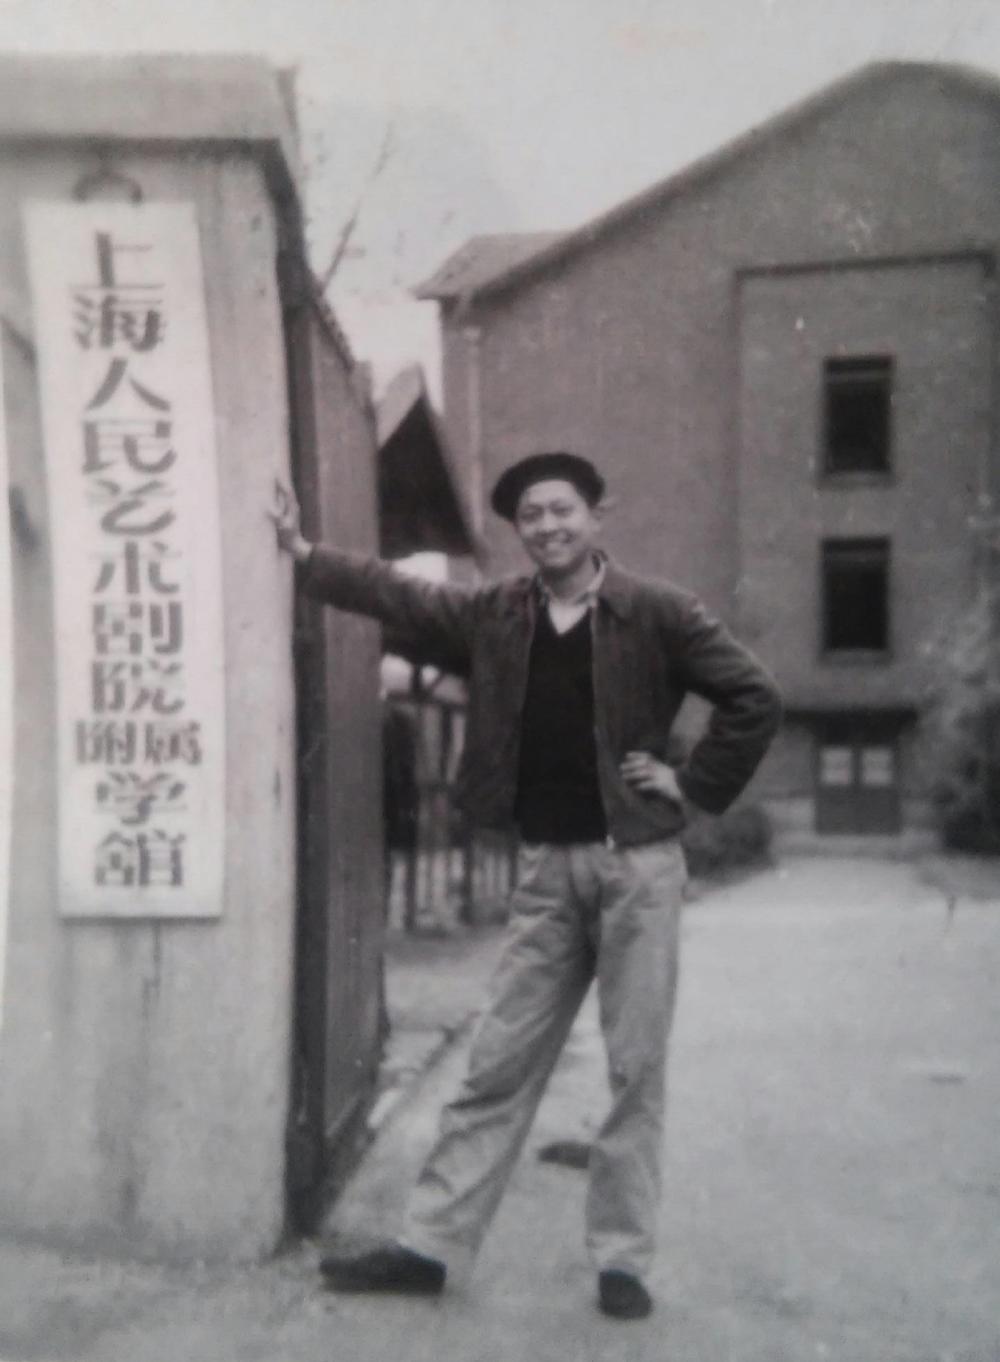 陈青海老师接受过话剧表演的专业训练,1961年